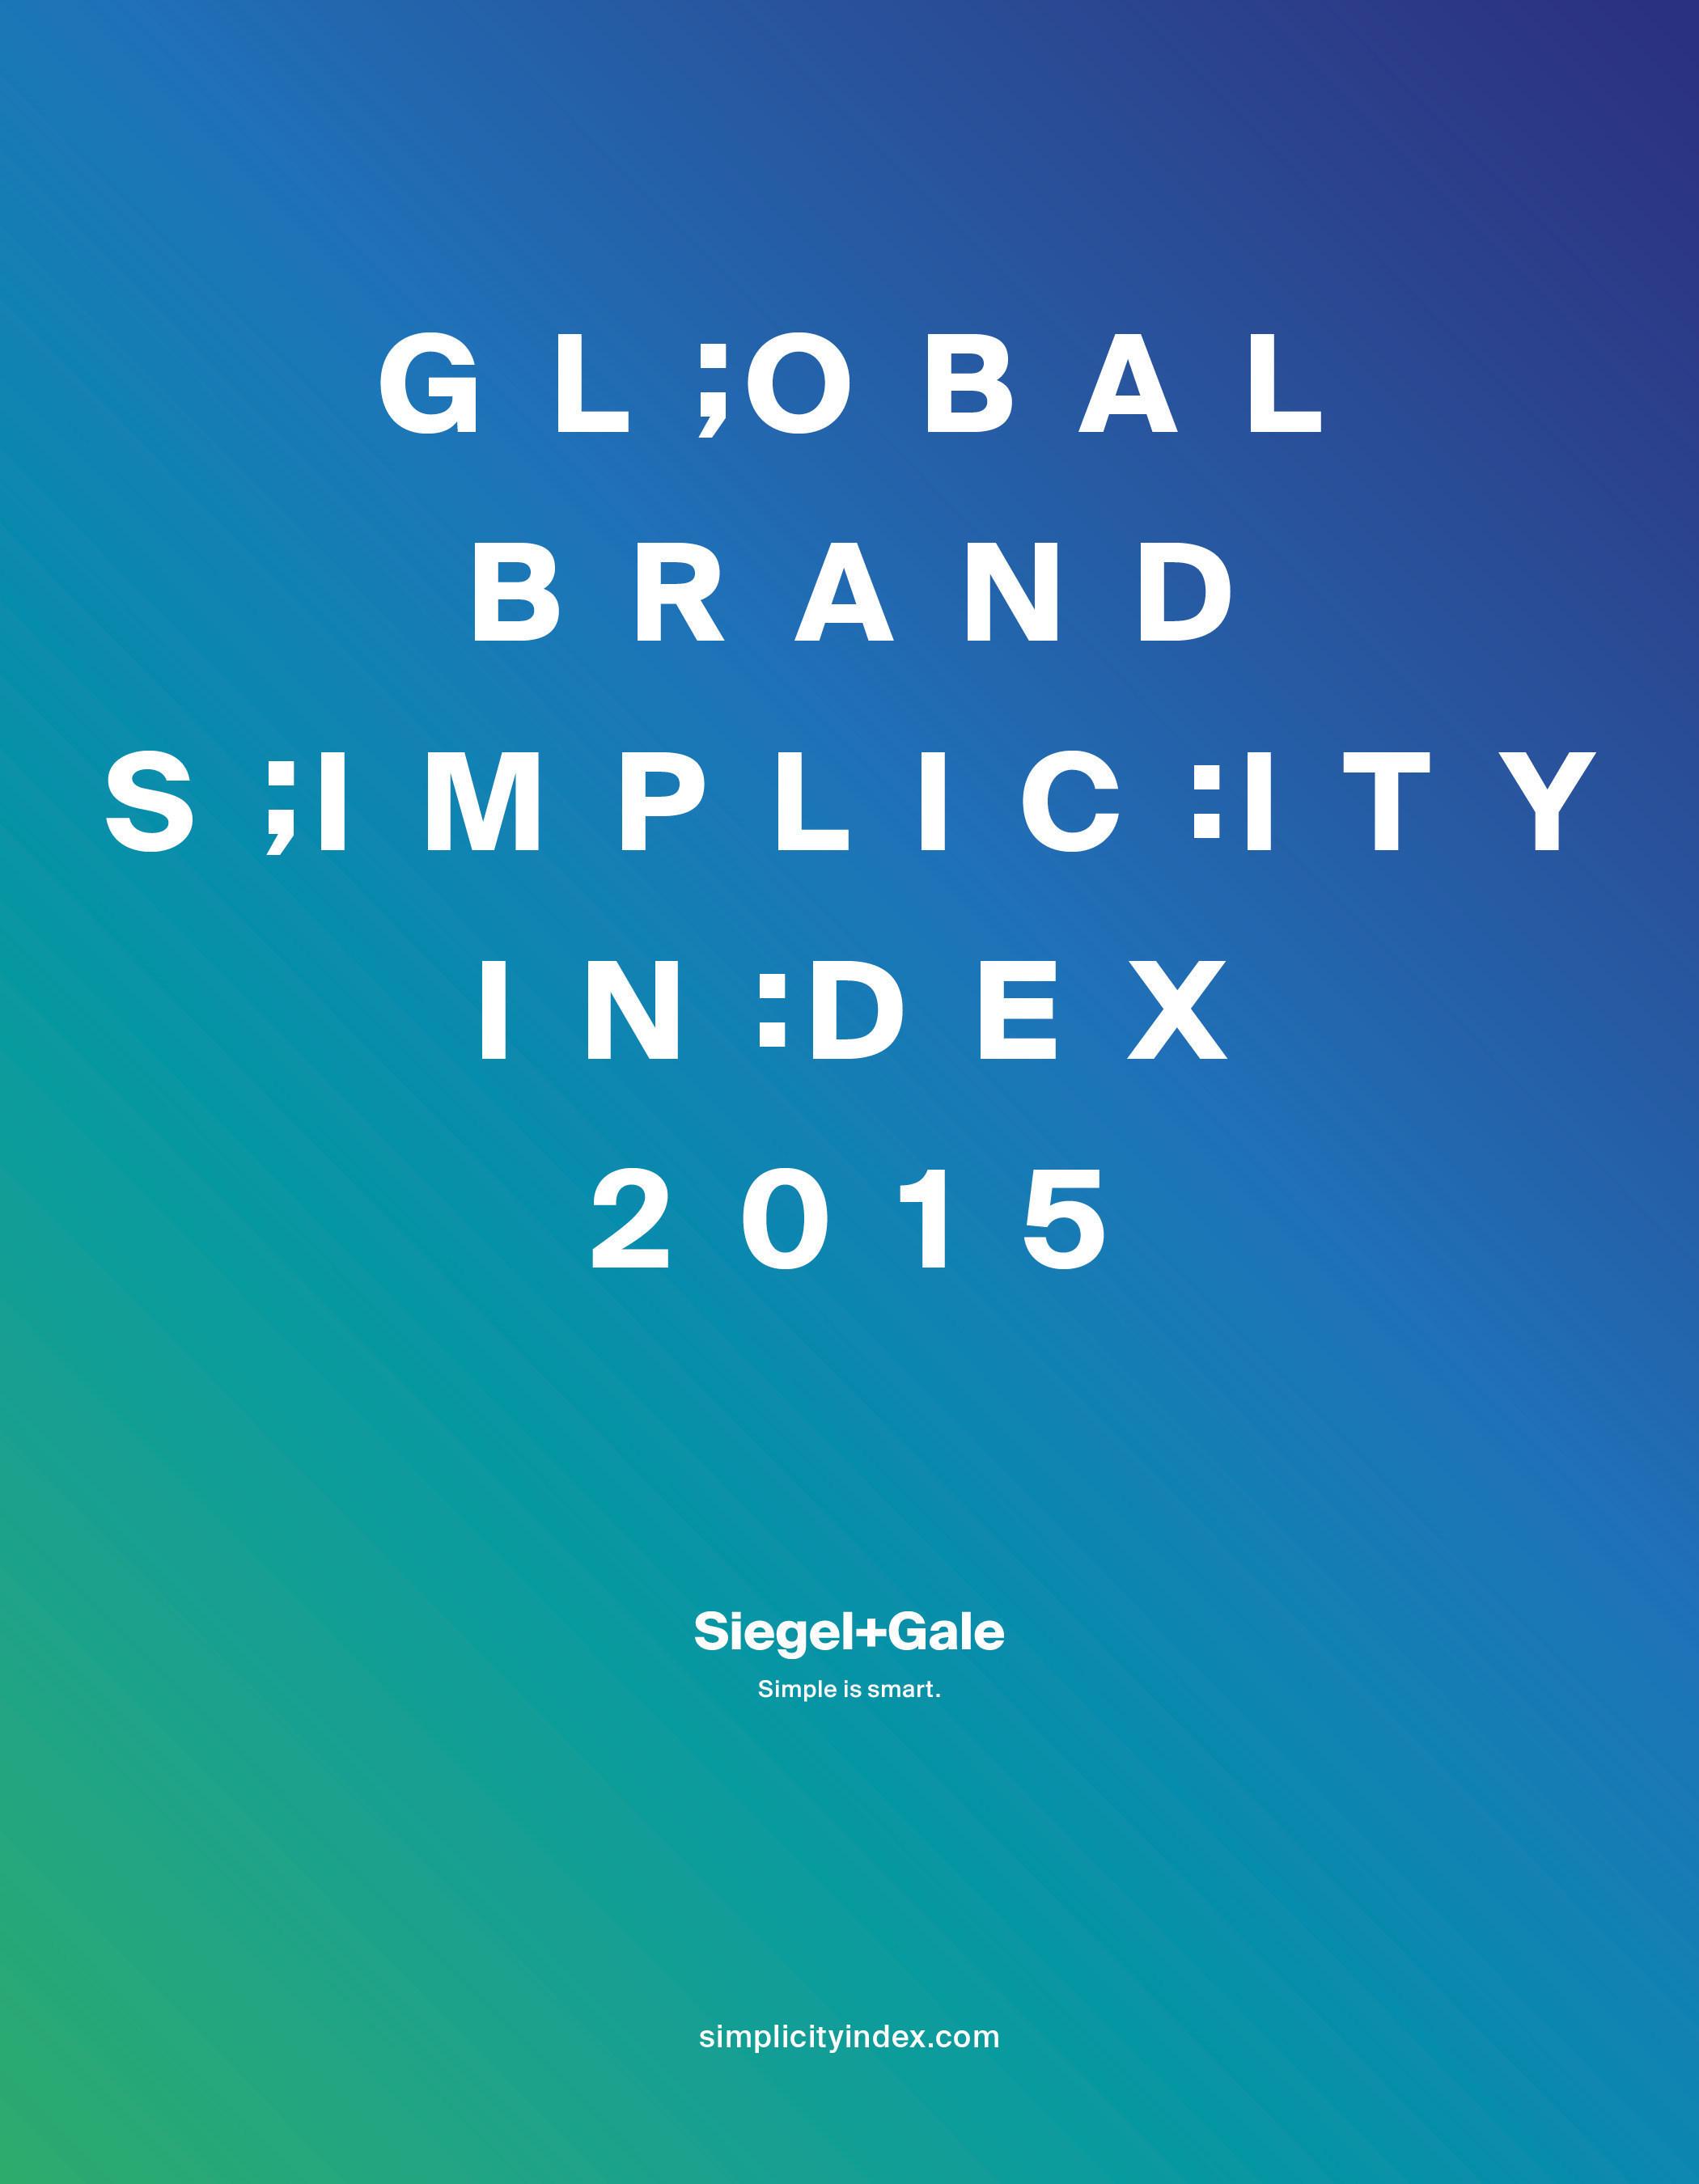 Siegel+Gale präsentiert Ergebnisse des sechsten Annual Global Brand Simplicity Index™ und zeigt die